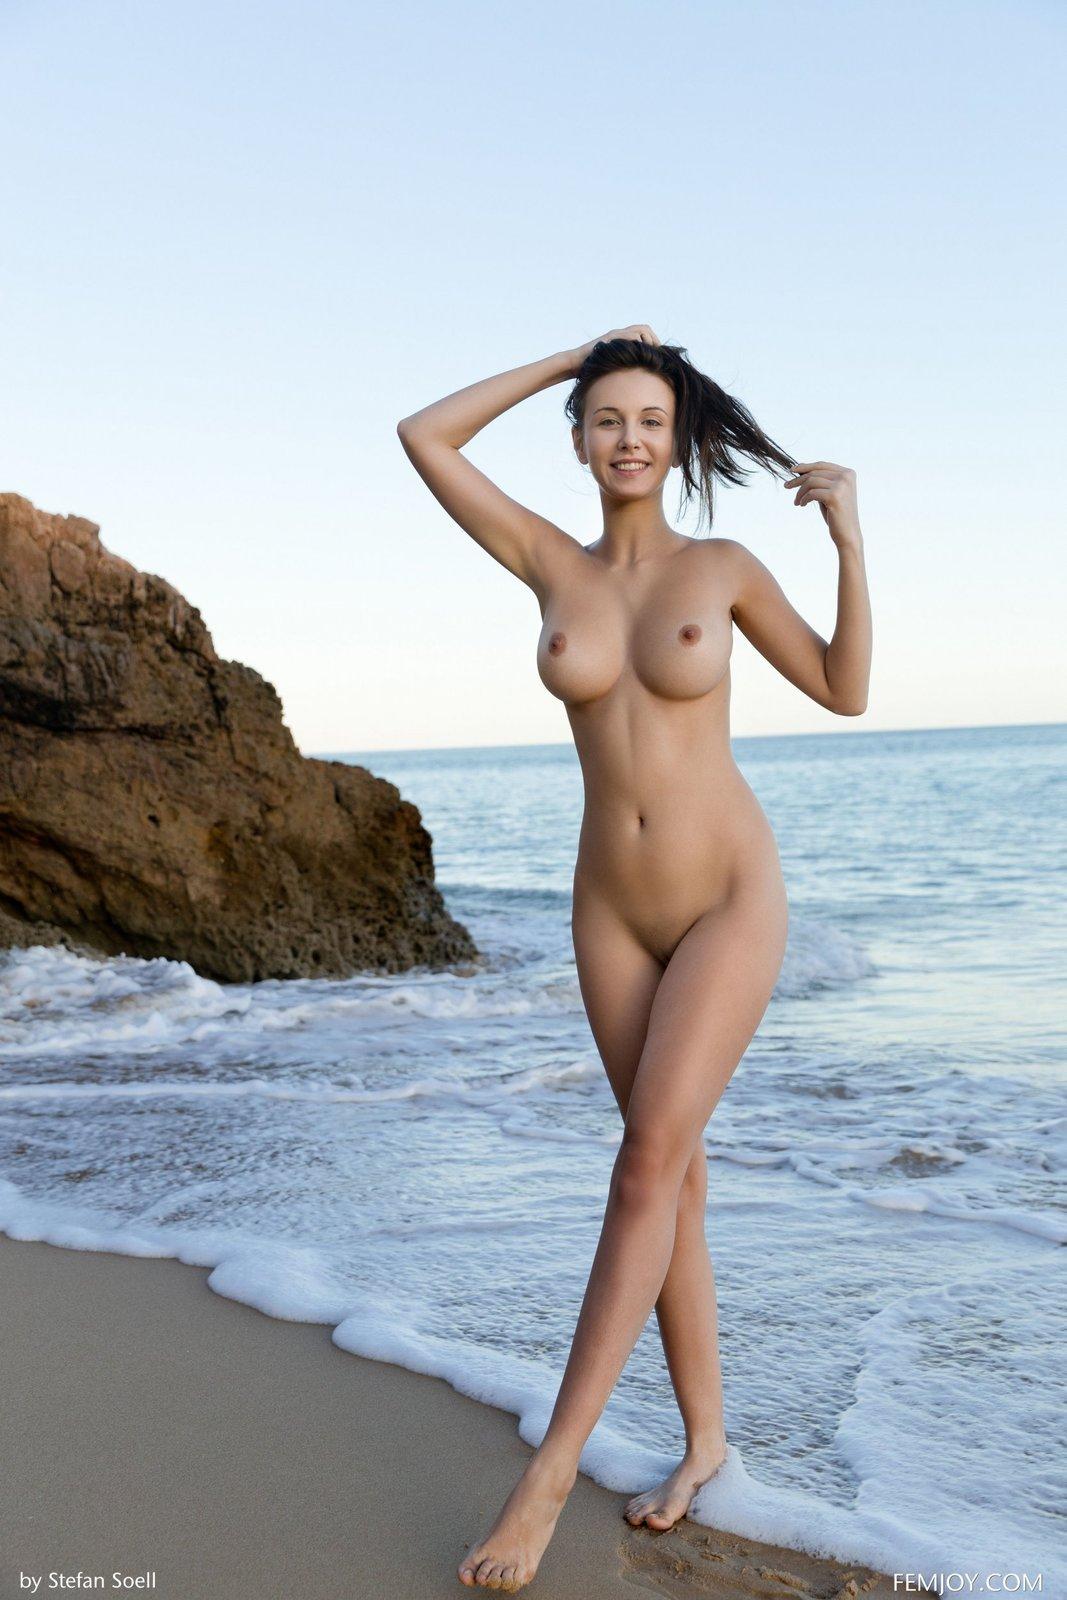 Раздетая тёлка с симпатичными сисяндрами на пляже